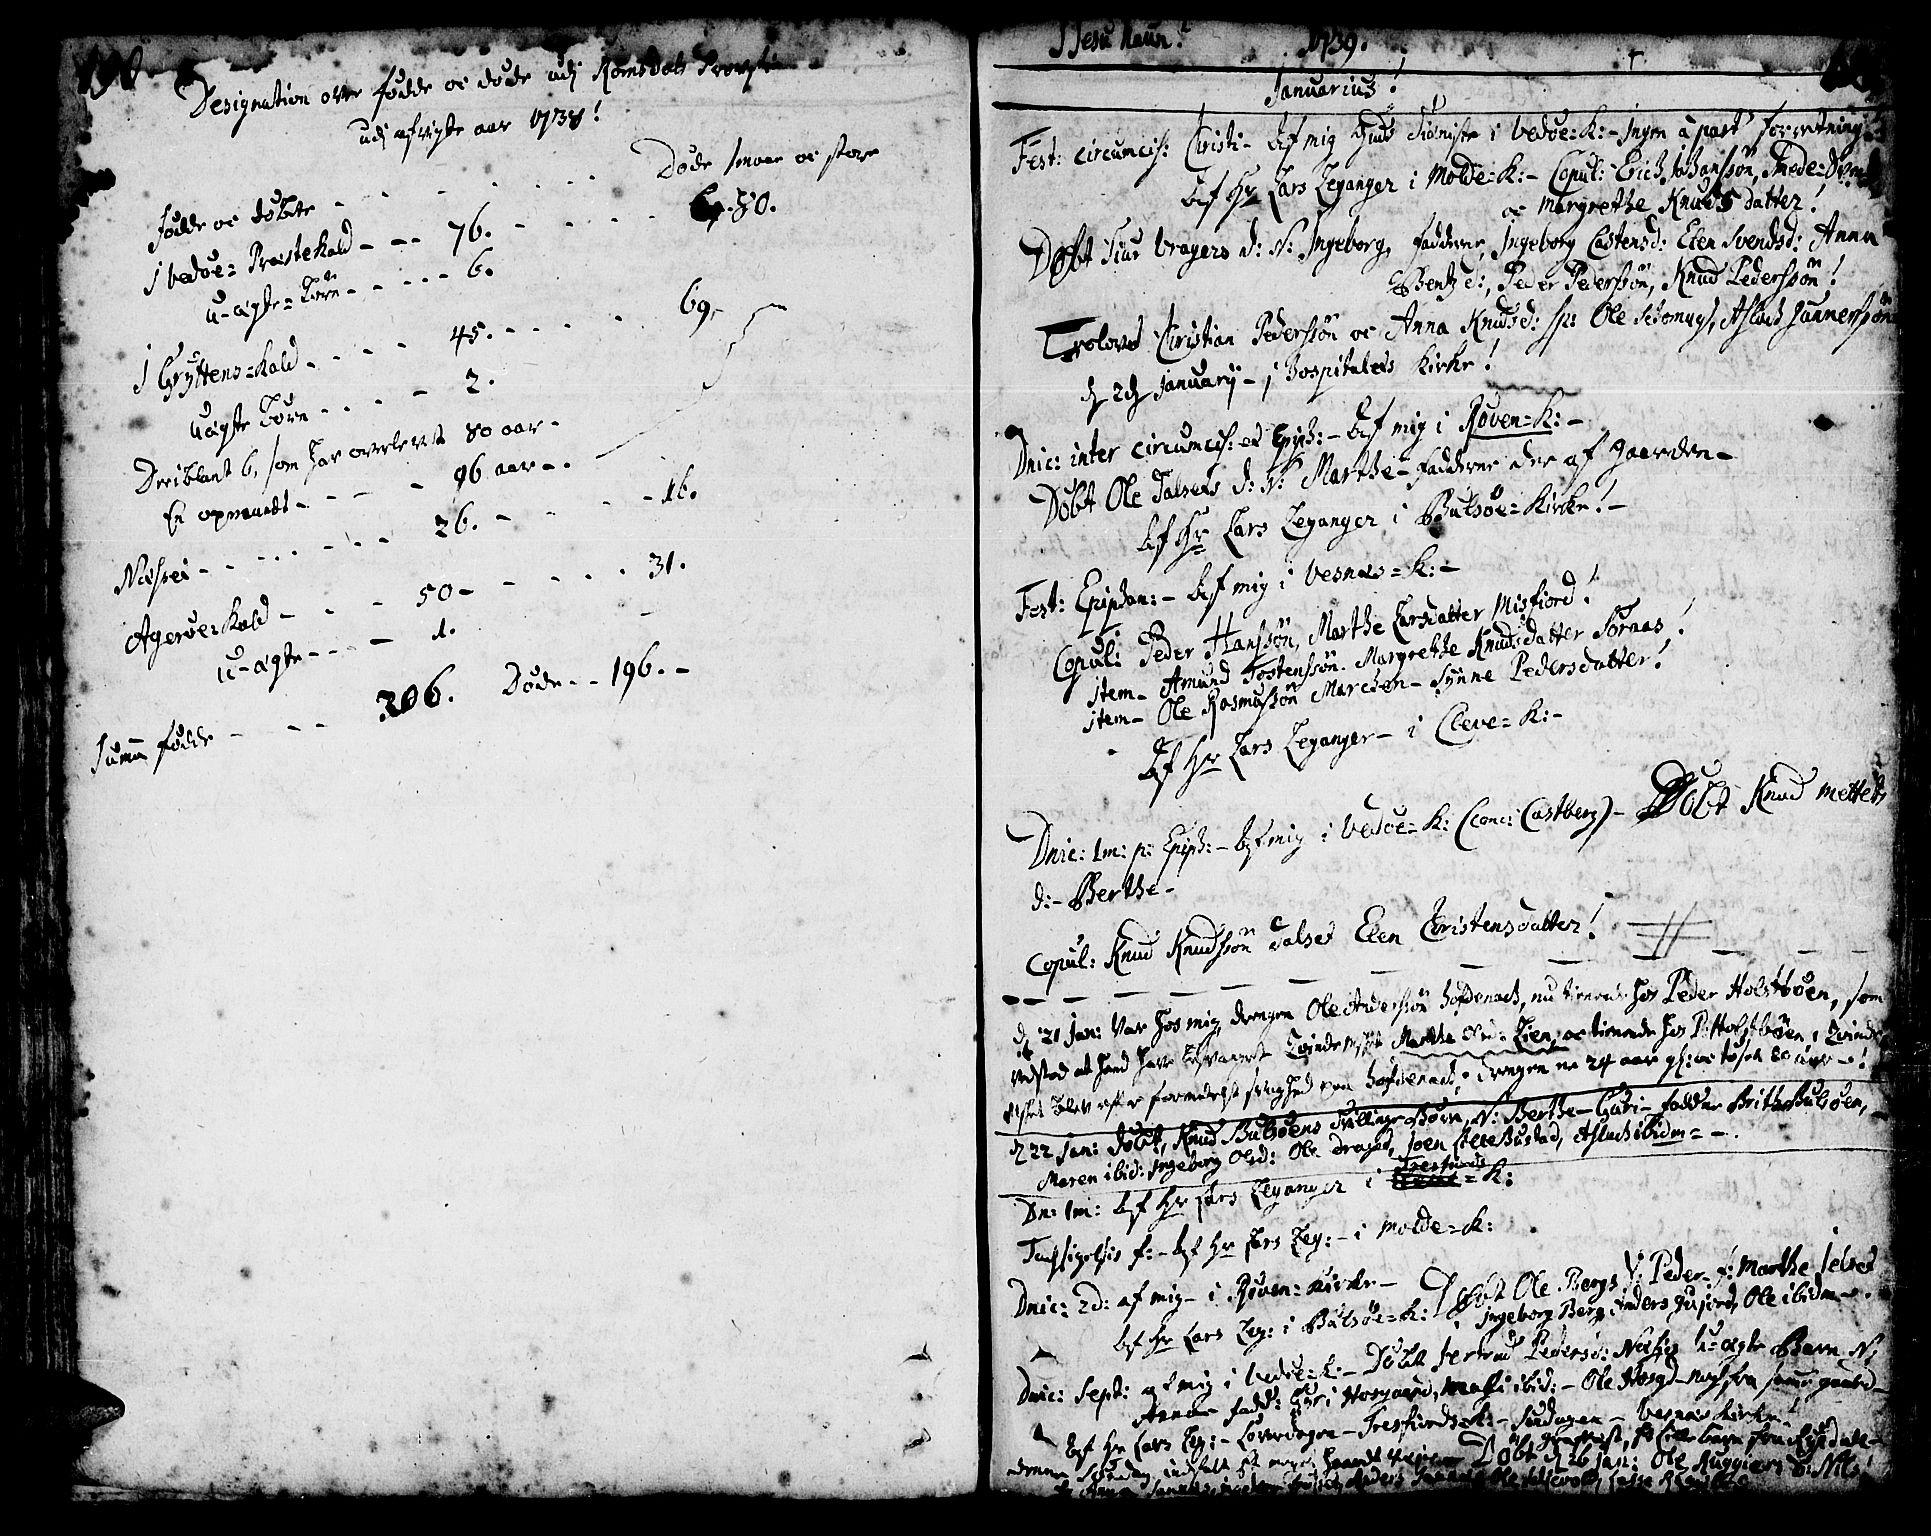 SAT, Ministerialprotokoller, klokkerbøker og fødselsregistre - Møre og Romsdal, 547/L0599: Ministerialbok nr. 547A01, 1721-1764, s. 192-193